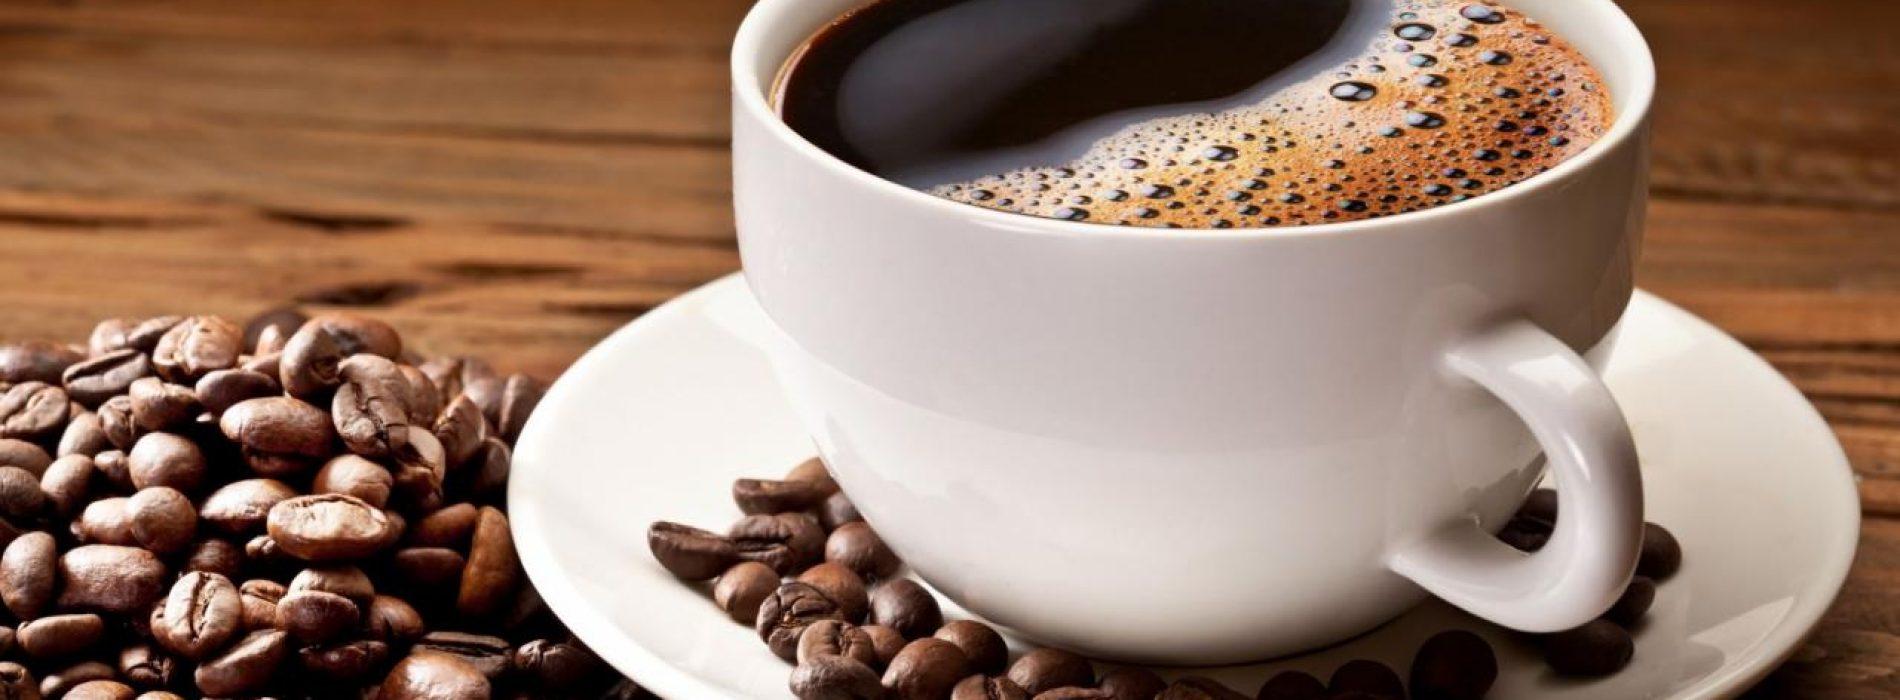 http://www.naturotheek.com/wp-content/uploads/2016/10/cafeine-lijkt-risico-terugkeer-darmkanker-verlagen-1900x700_c.jpg